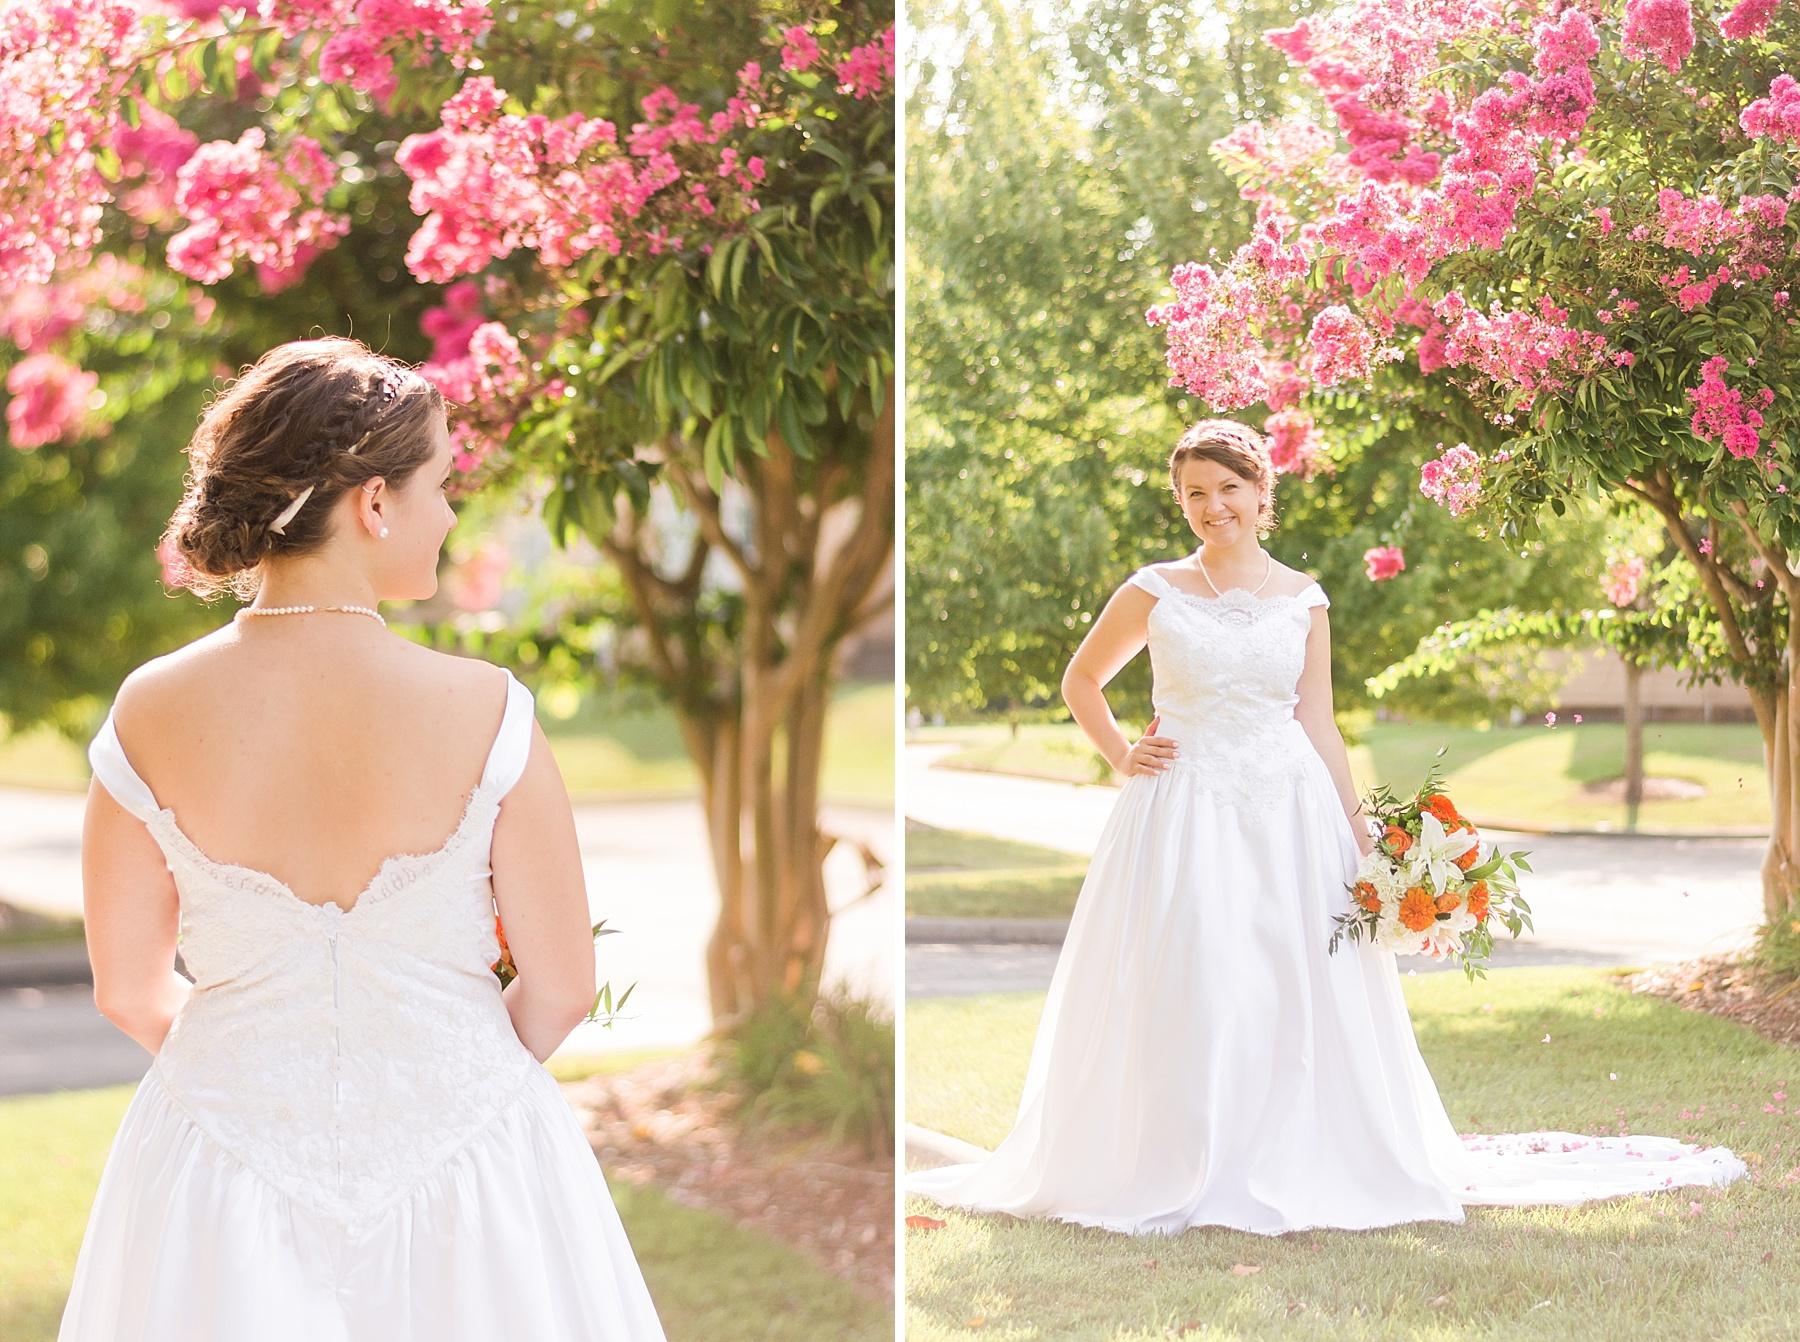 Wedding Mariah Justinamp; Abp Wedding Justinamp; Mariah 7IYfgb6yv